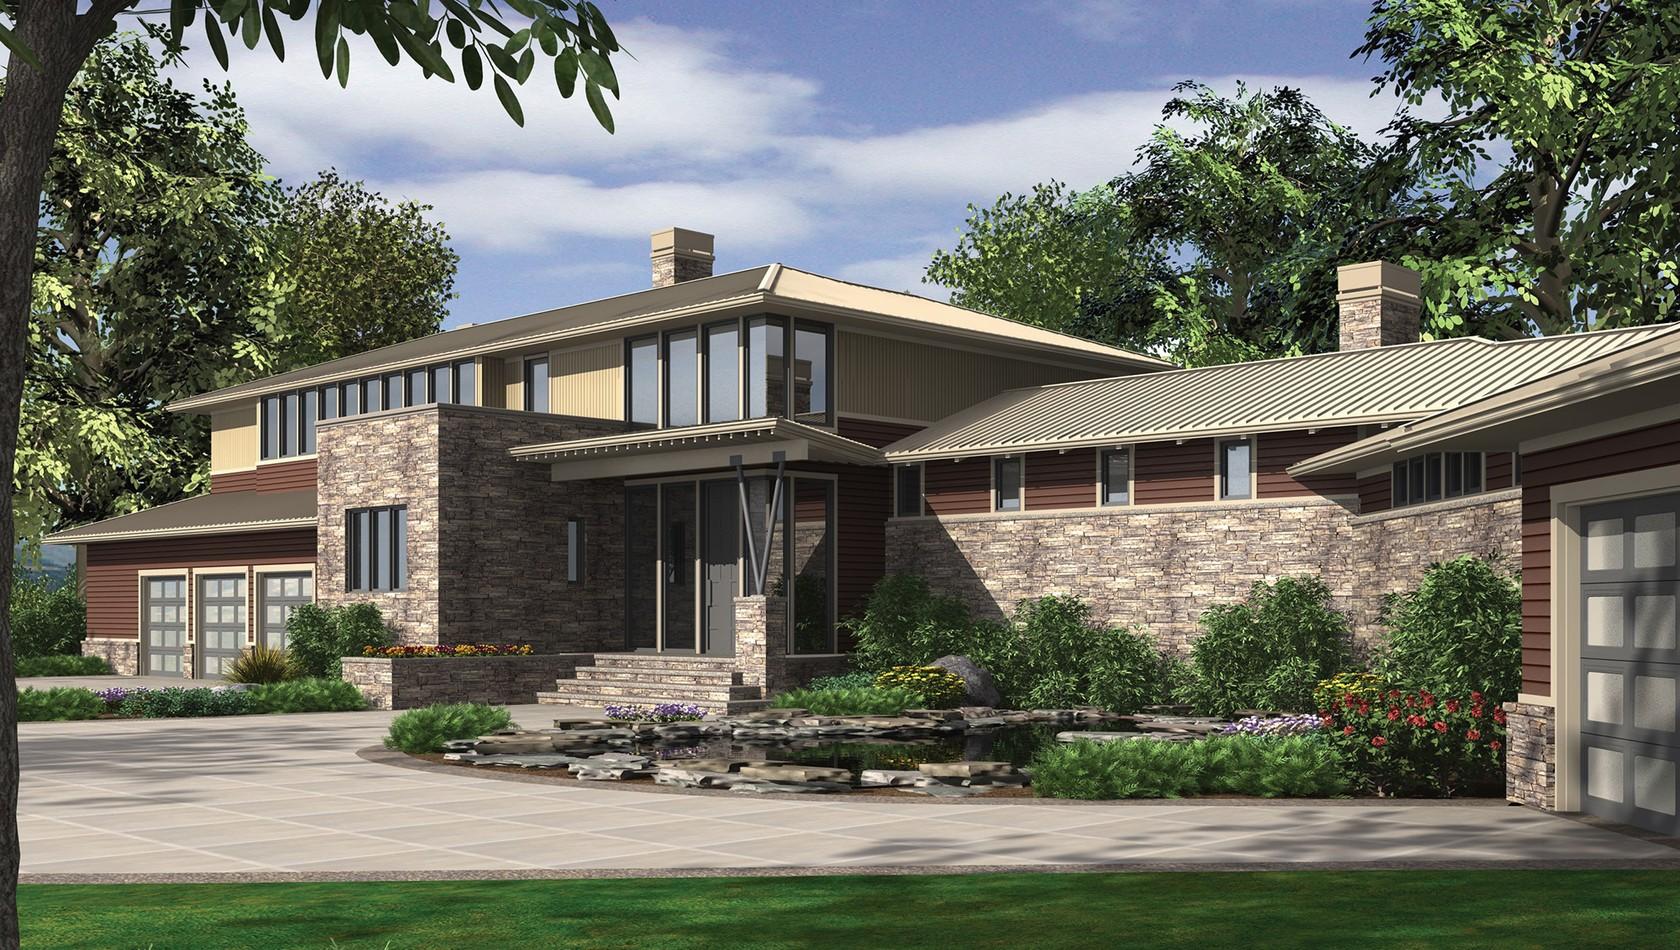 Main image for house plan 2453: The Aurea